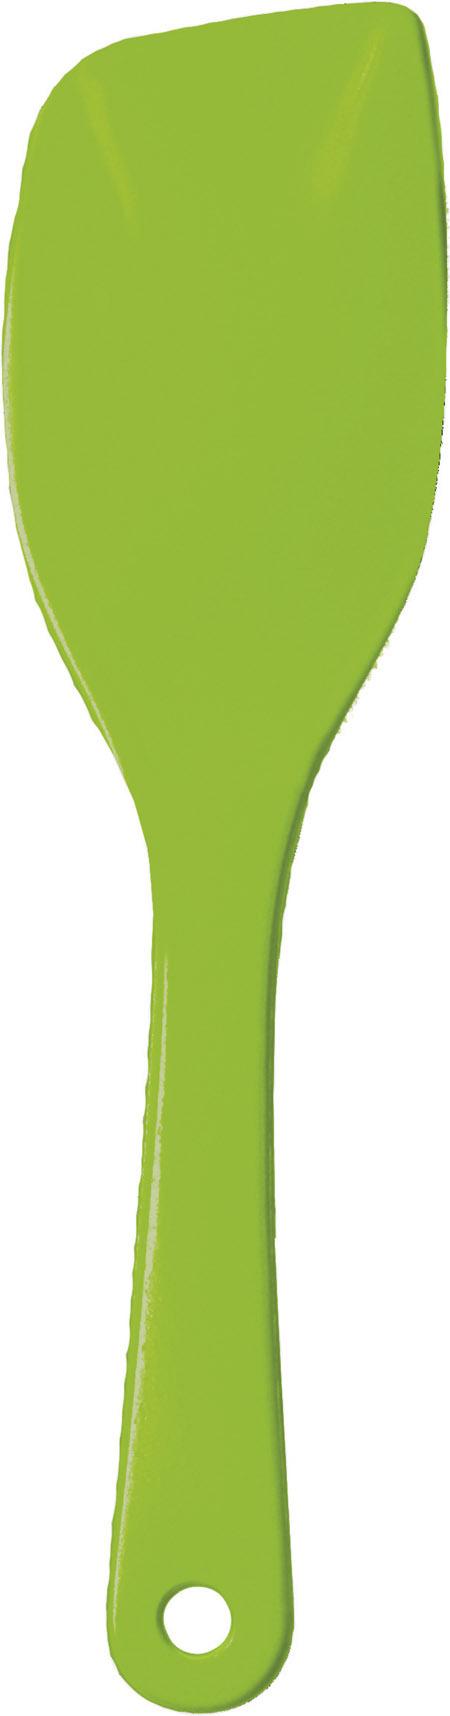 Servierlöffel, apfelgrün, hochwertiger Kunststoff 26cm, hitzebeständig bis 225°C